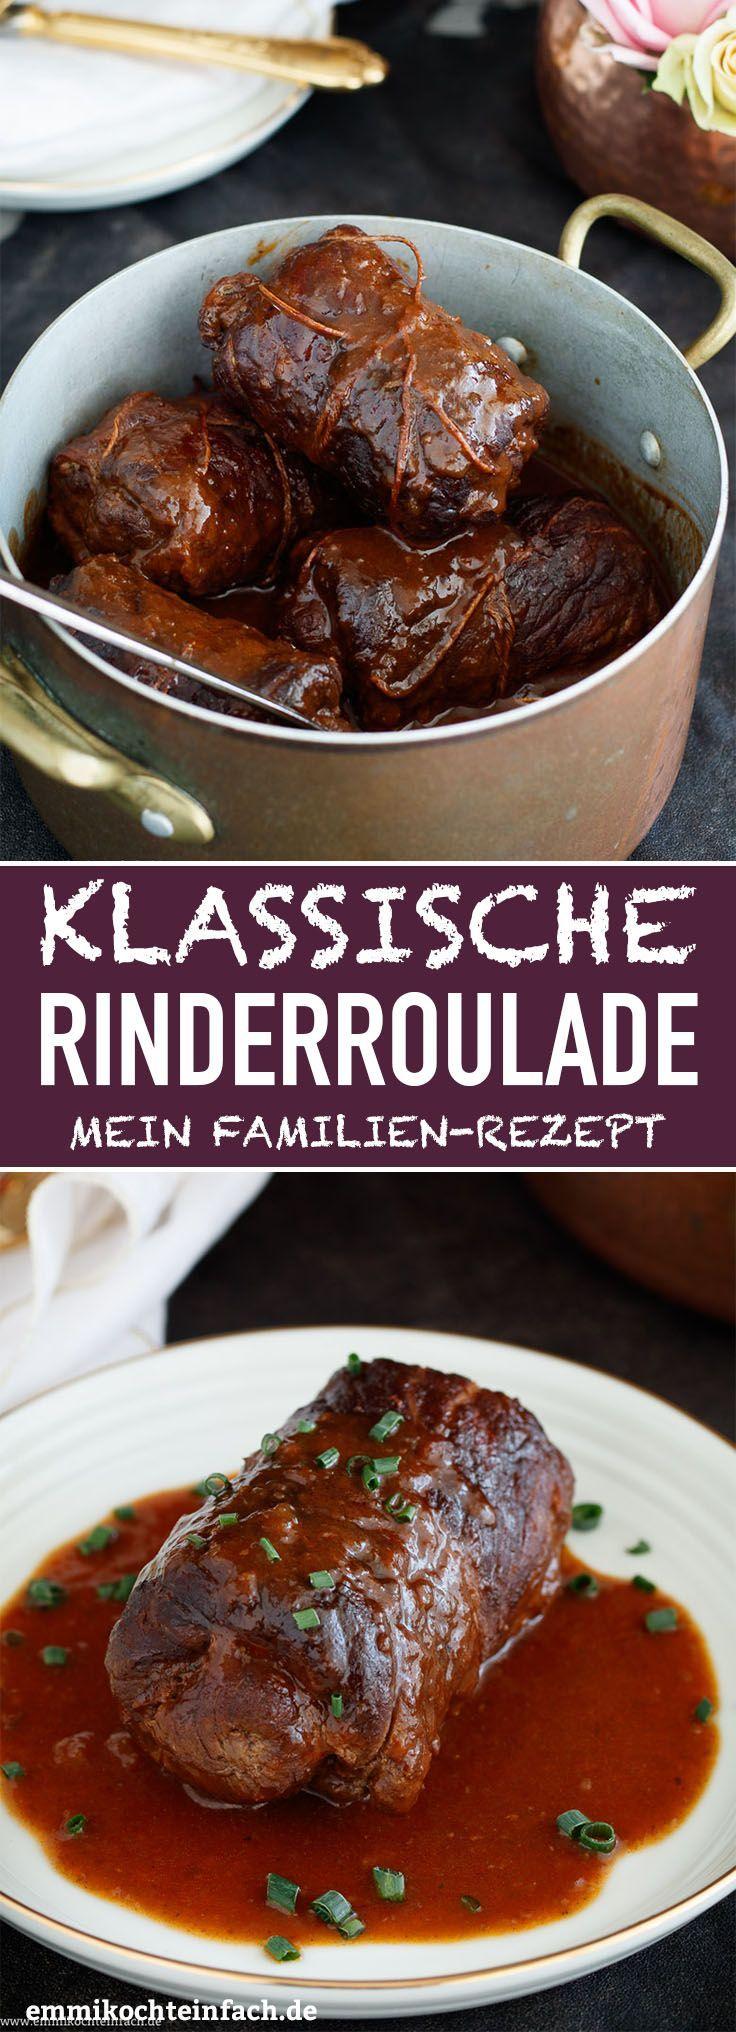 Klassische Rinderroulade – mein Familienrezept – #cuisine #Familienrezept #klass…